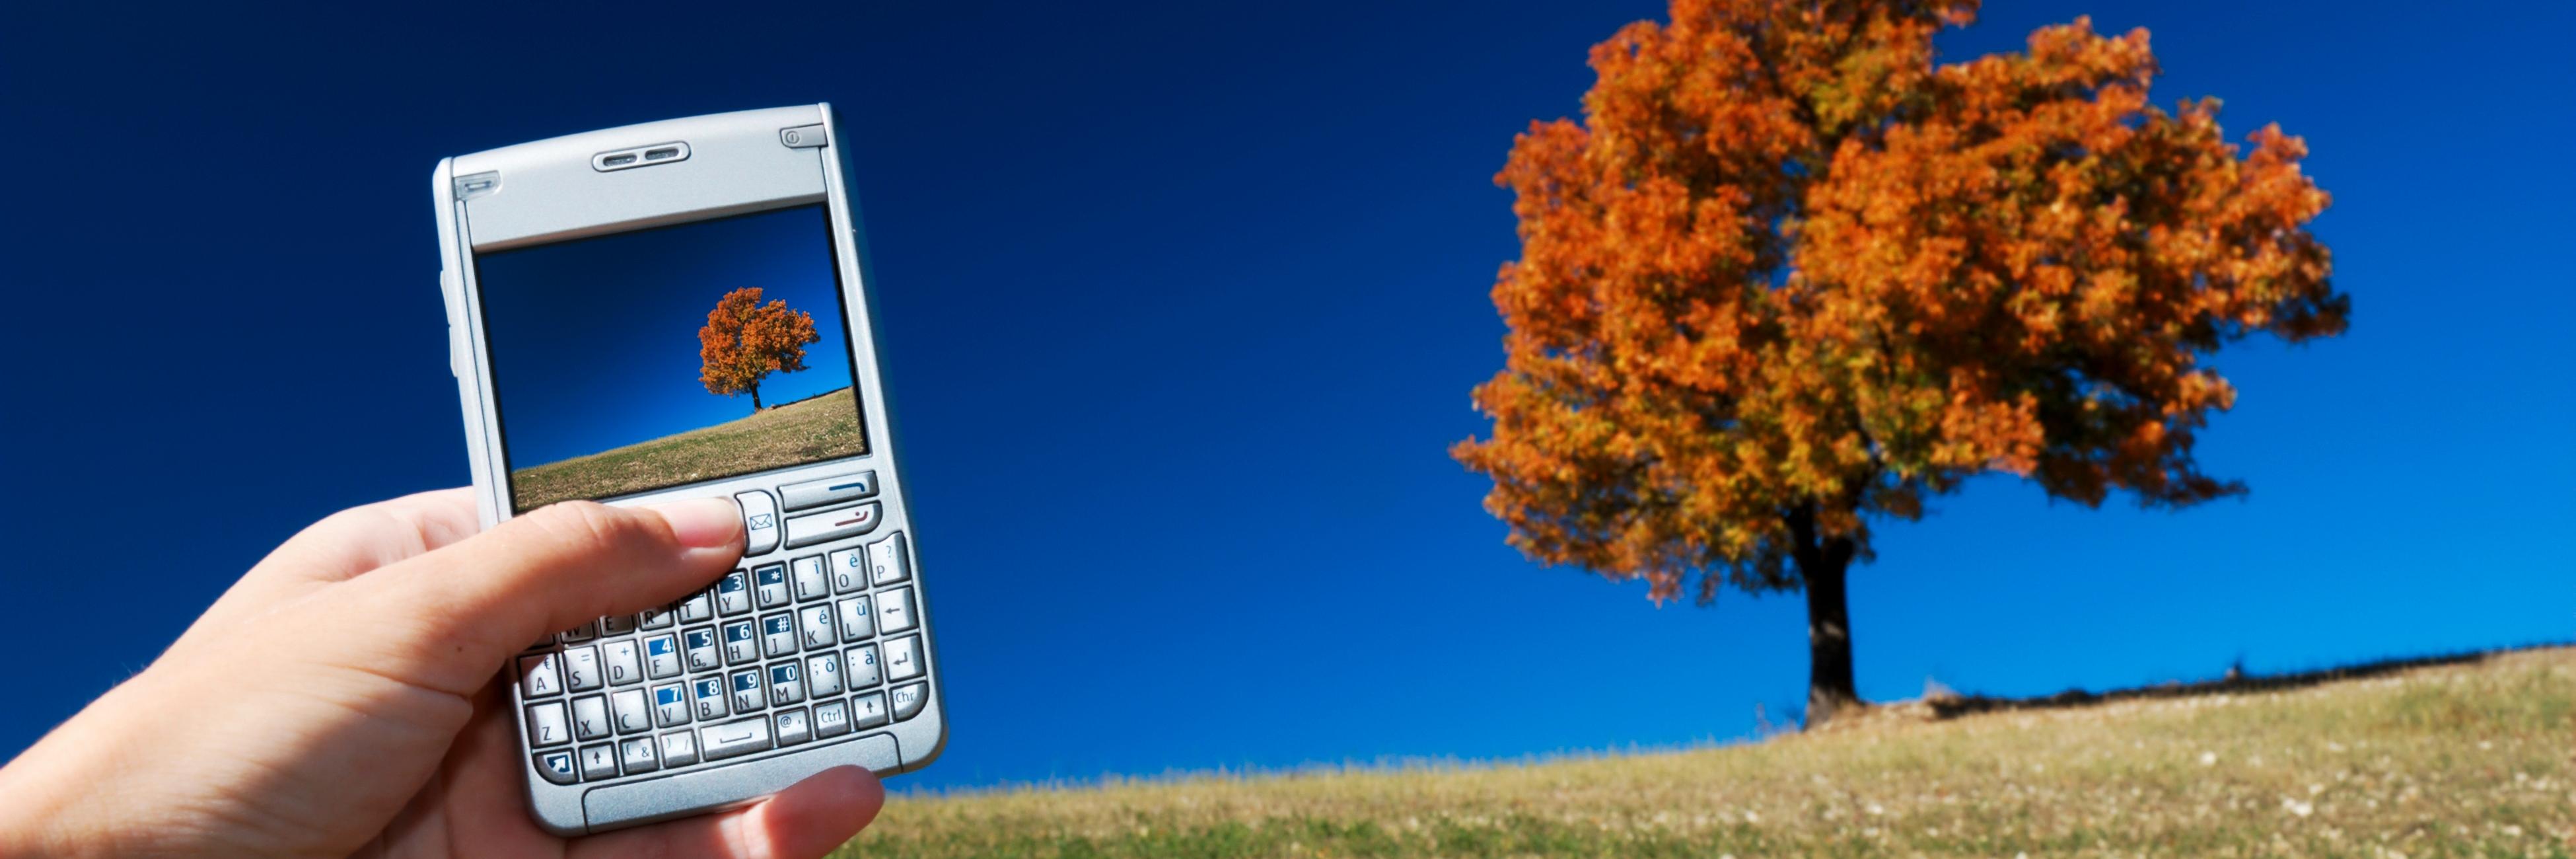 8 tips for å ta lekre bilder med mobilen